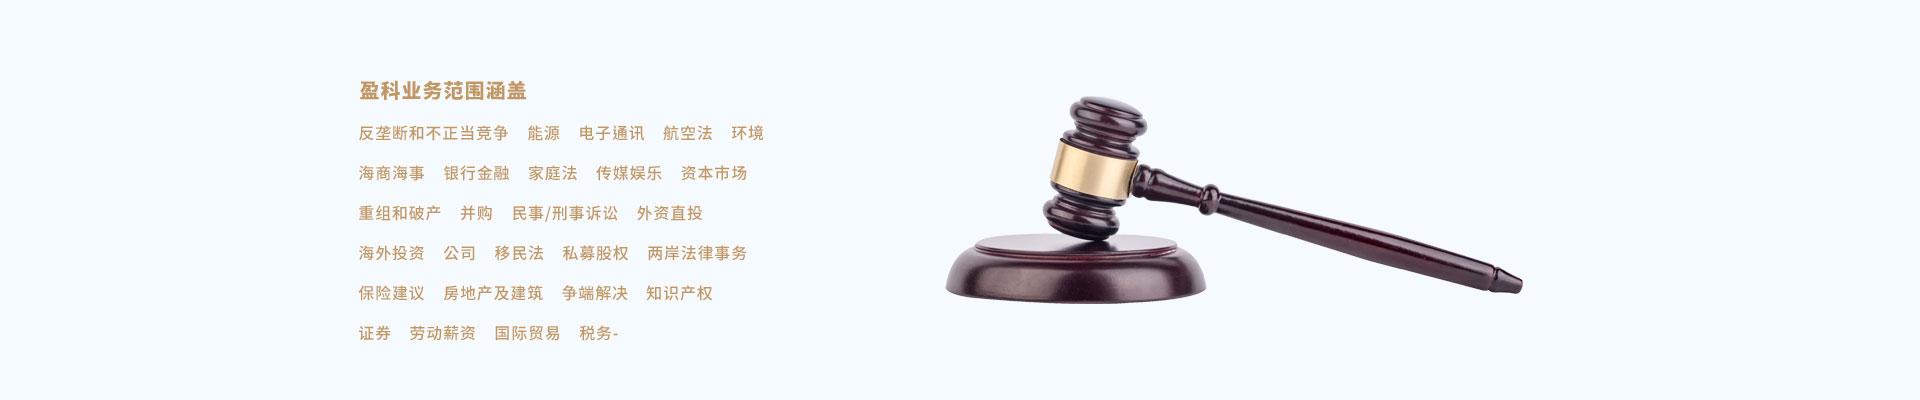 小微律政法律咨询服务范围